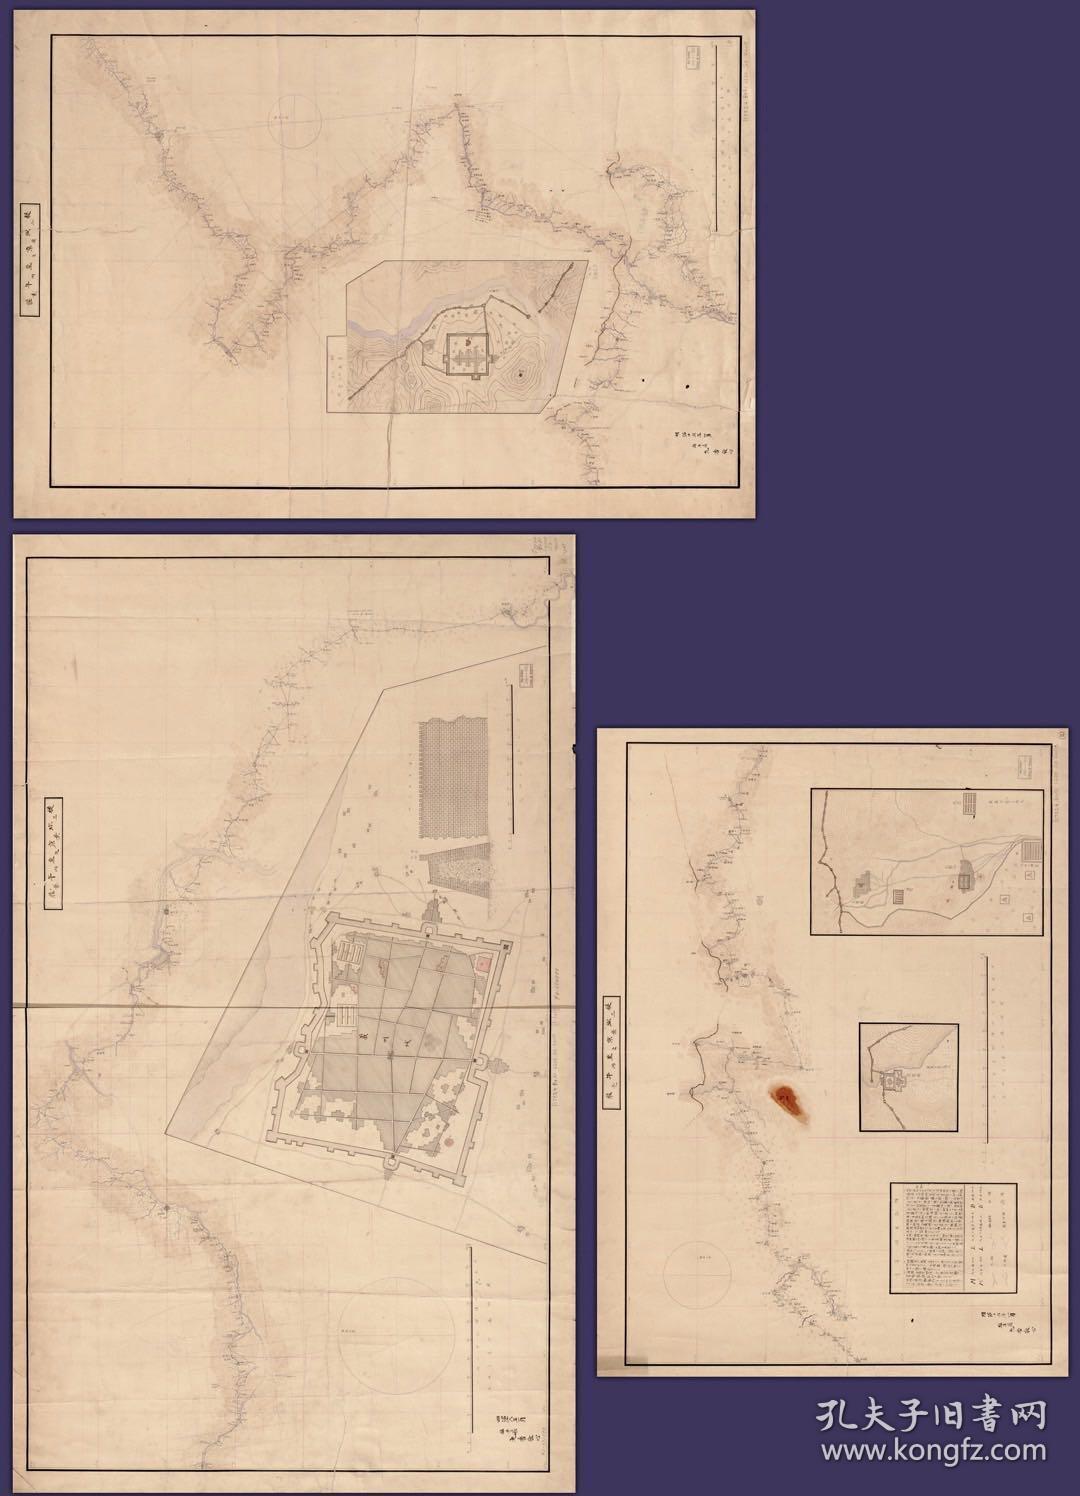 古地图1883 北京地区,营口地区图。纸本大小152.4*110厘米。宣纸艺术微喷复制。460元包邮